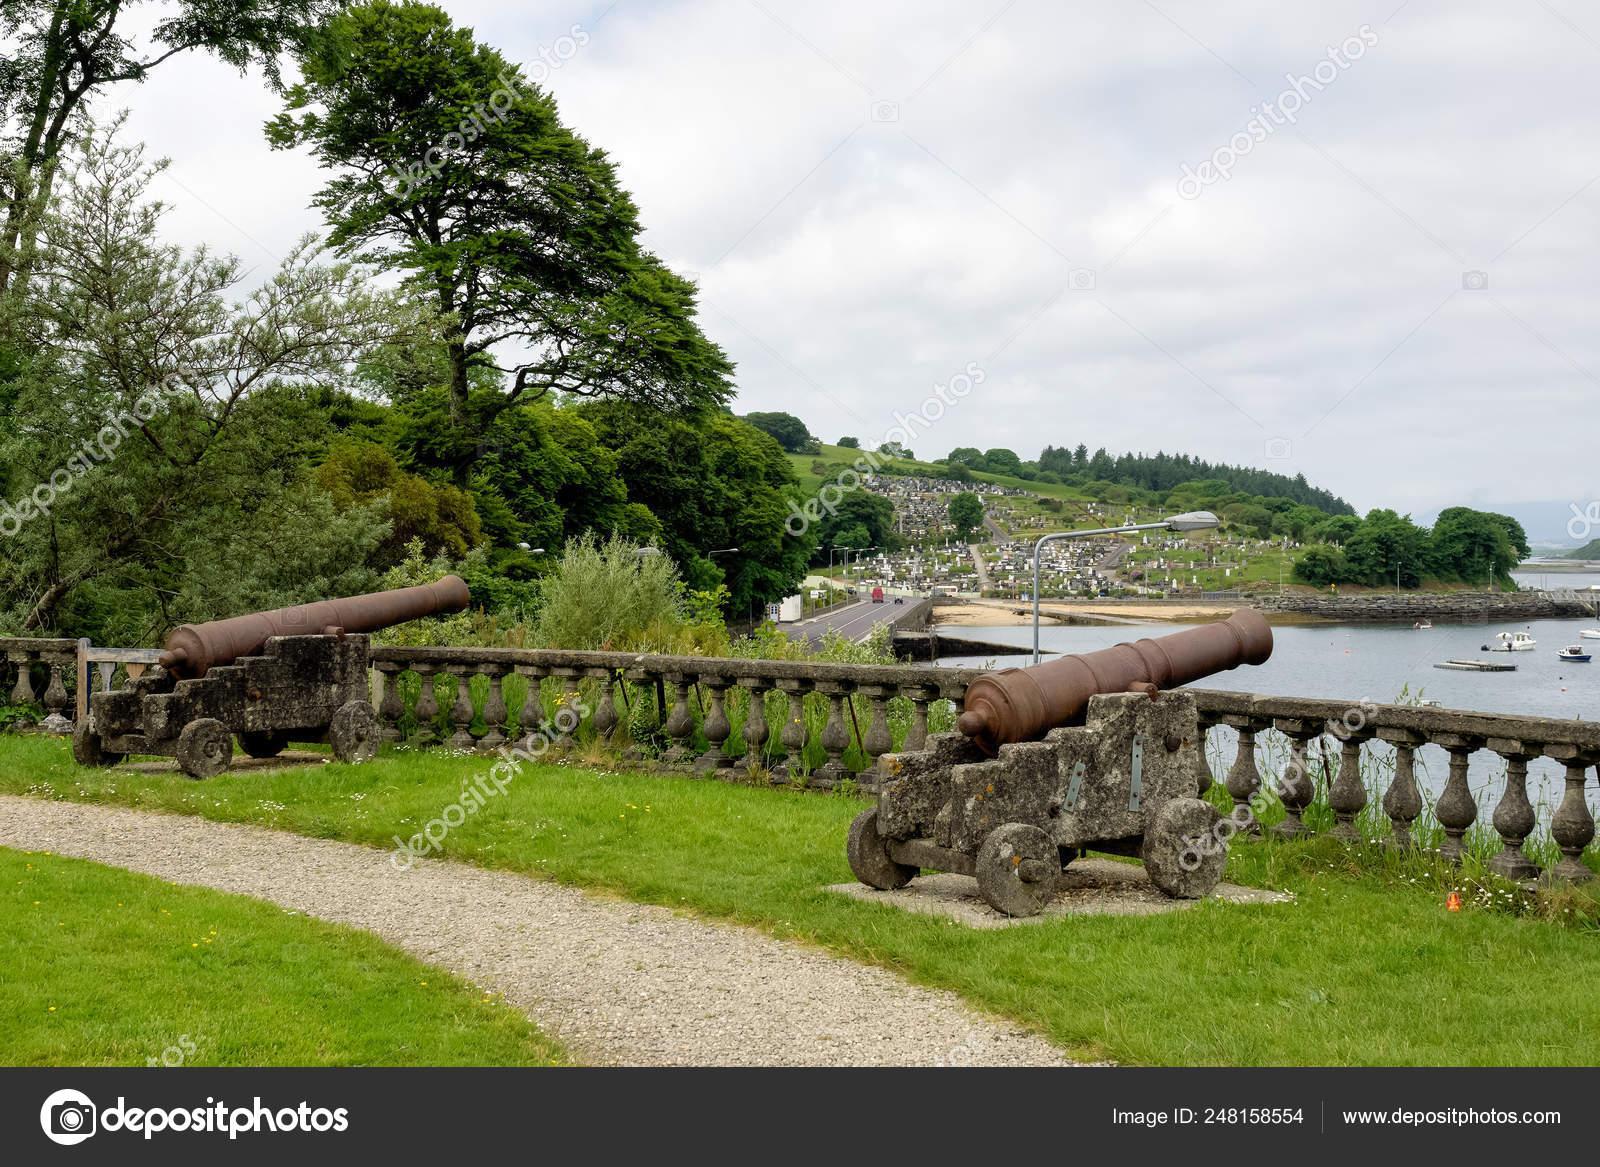 Castlemartyr Resort Hotel Cork – Rezervirajte uz jamstvo najbolje cijene!